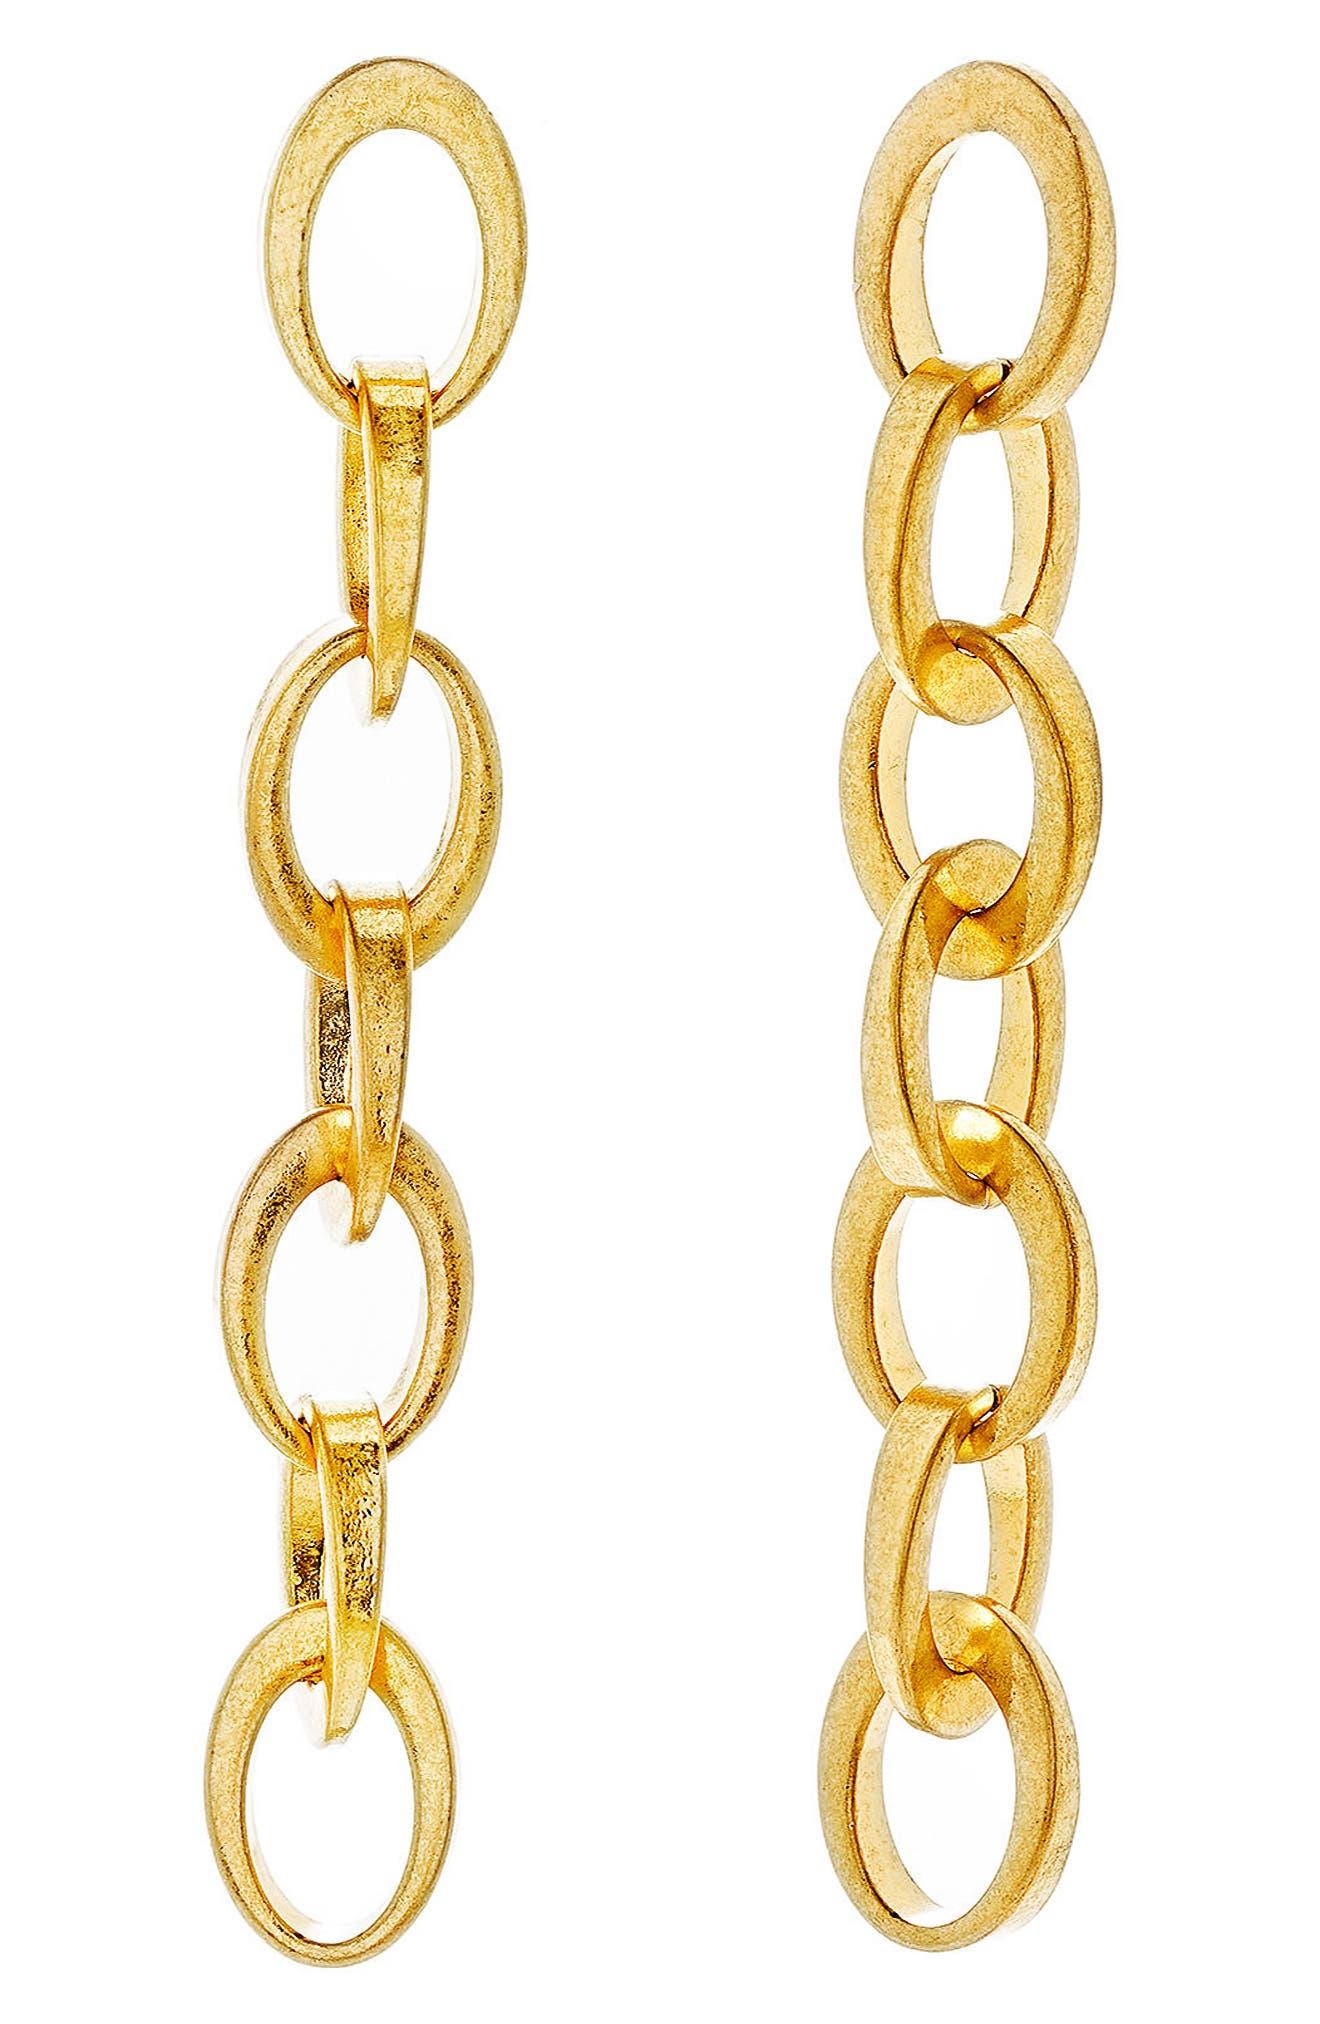 Rolo Dangle Chain Earrings,                             Main thumbnail 1, color,                             710